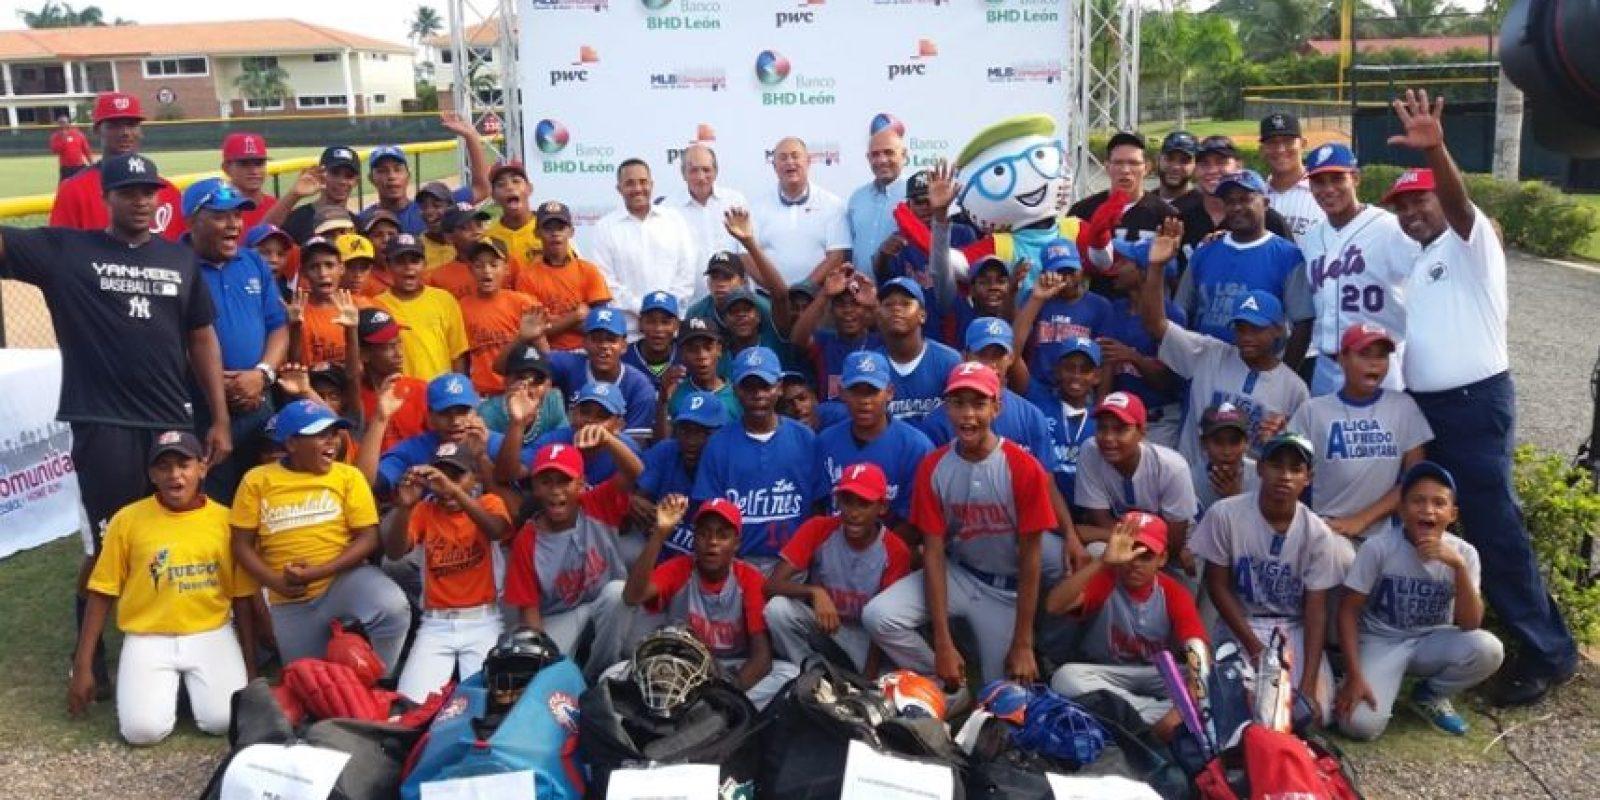 Representantes de los donantes junto a las primeras ligas beneficiadas. Foto:Fuente externa